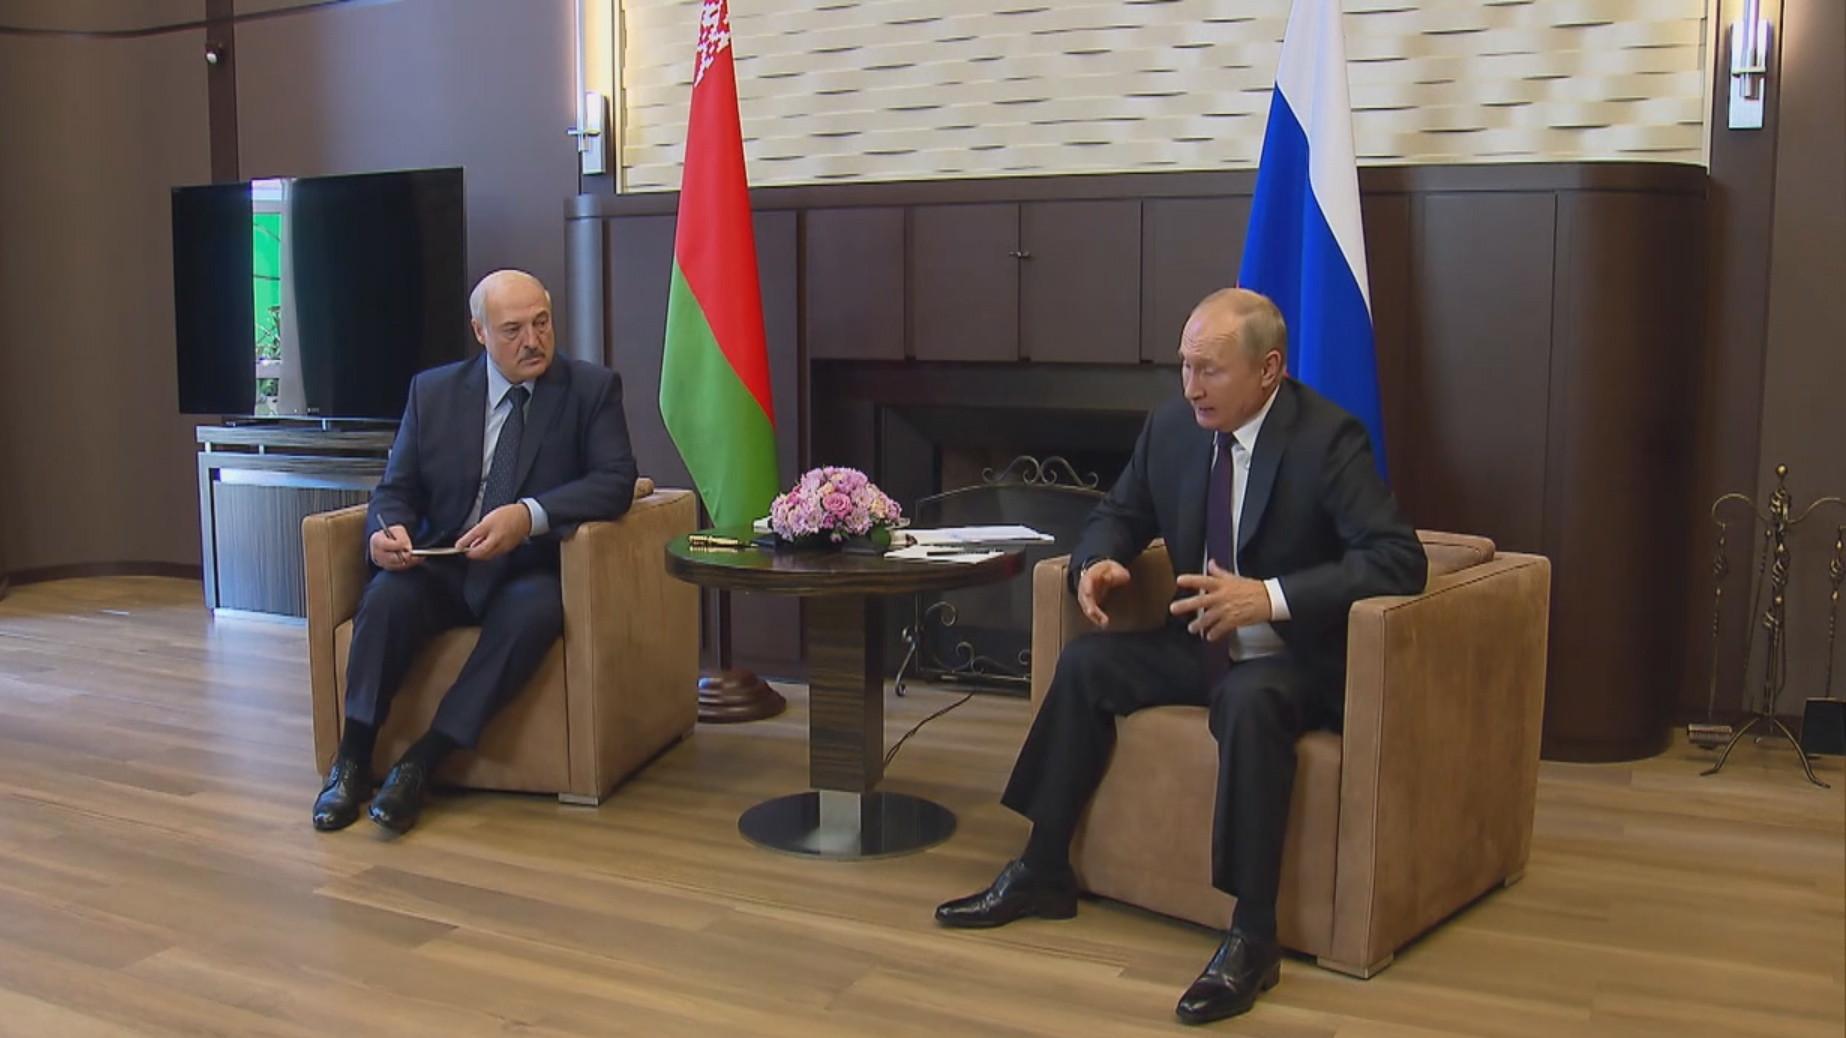 """Kreml tłumaczy kredyt dla Mińska. """"To nie jest ingerencja w sprawy Białorusi"""""""